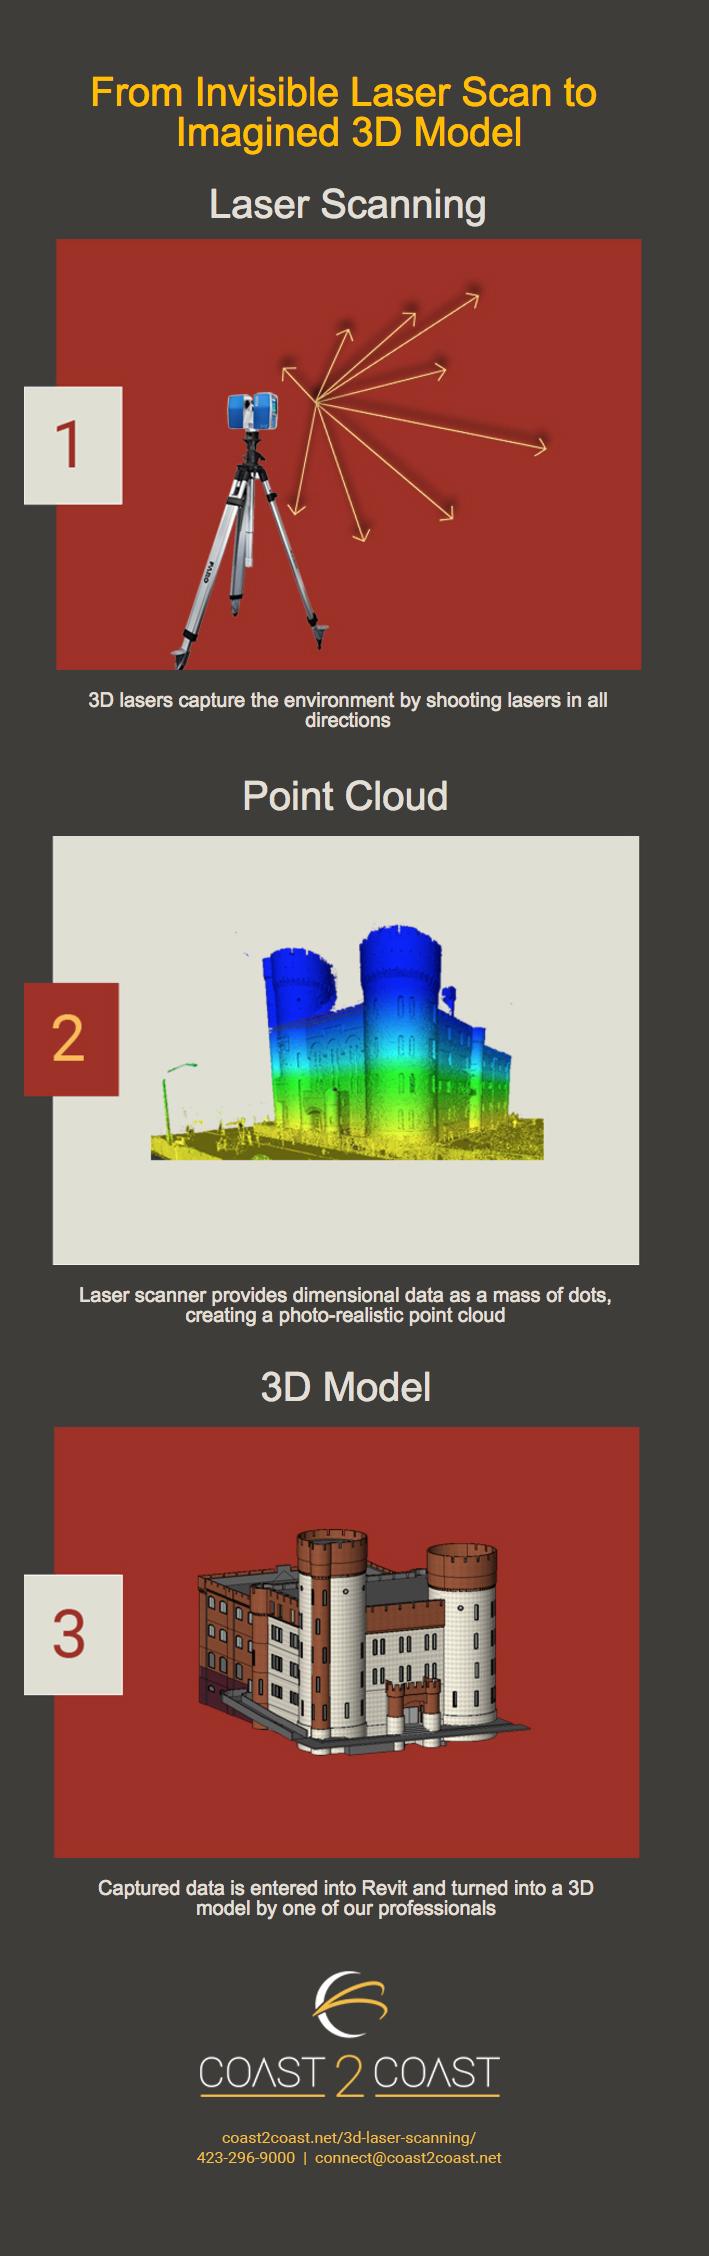 3D Laser Scanning Infographic